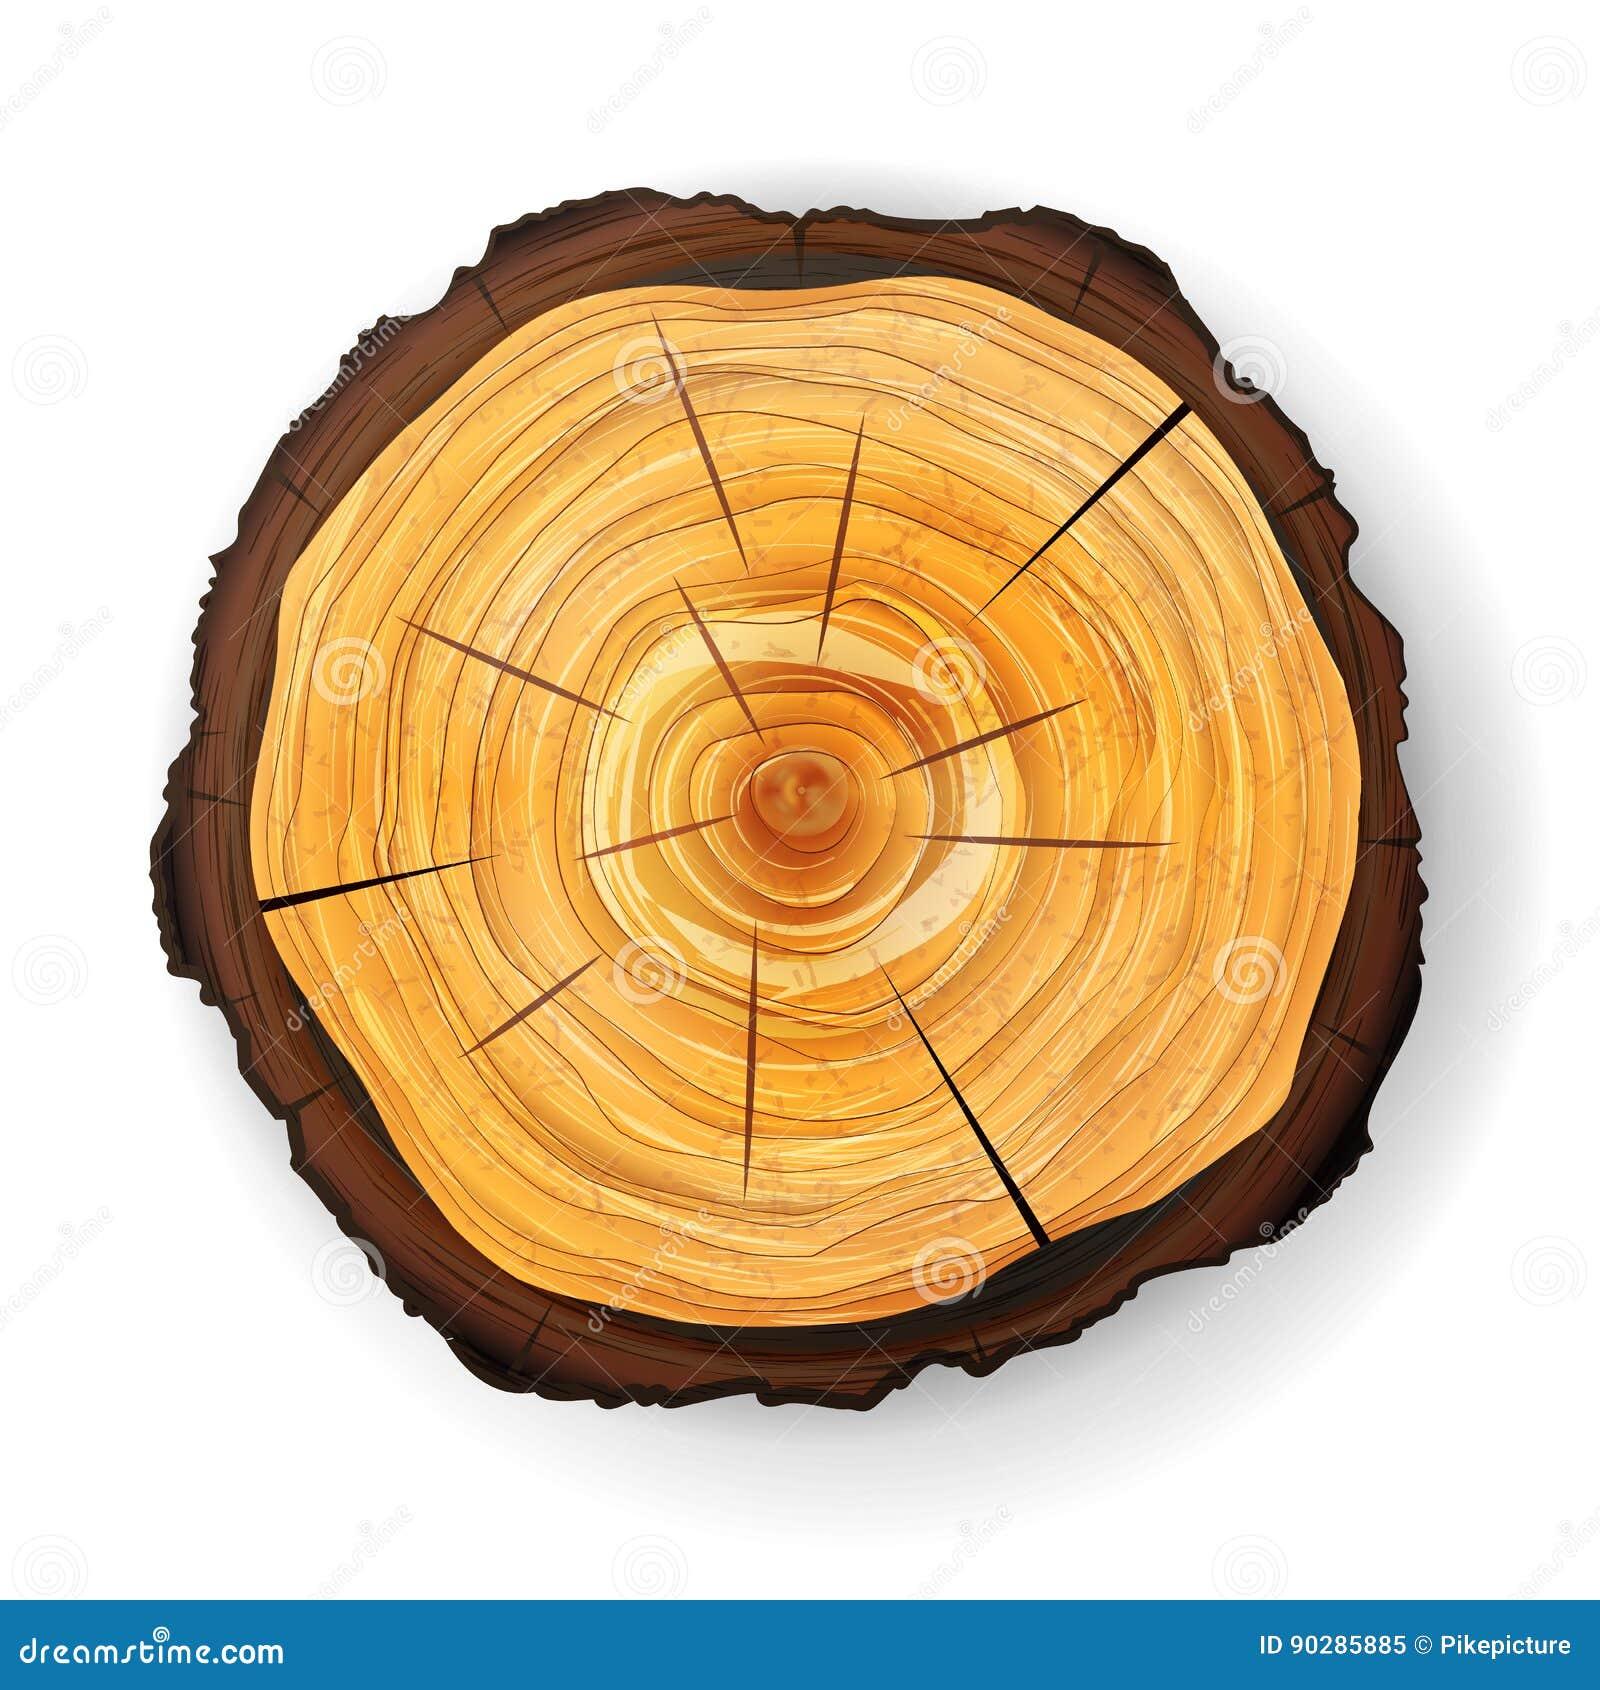 Vector de madera del tocón del árbol seccionado transversalmente Corte redondo con los anillos anuales